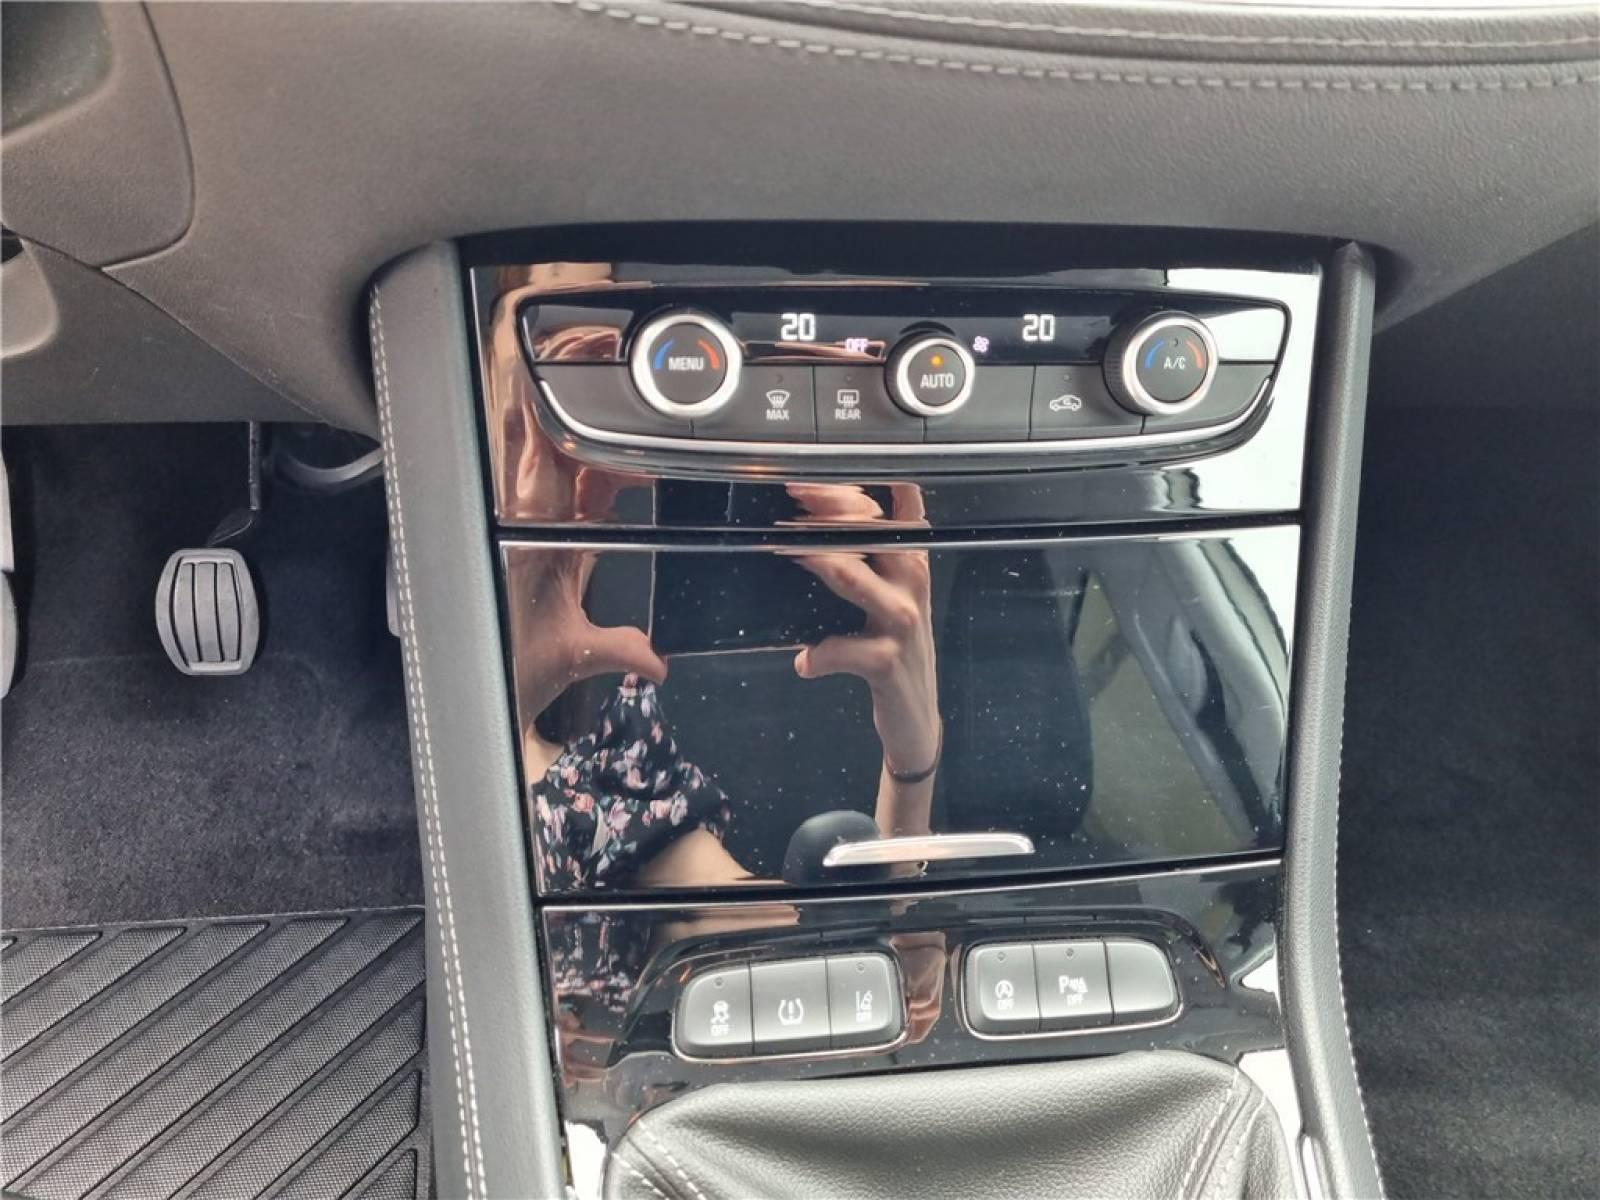 OPEL Grandland X 1.5 Diesel 130 ch - véhicule d'occasion - Groupe Guillet - Opel Magicauto - Montceau-les-Mines - 71300 - Montceau-les-Mines - 39